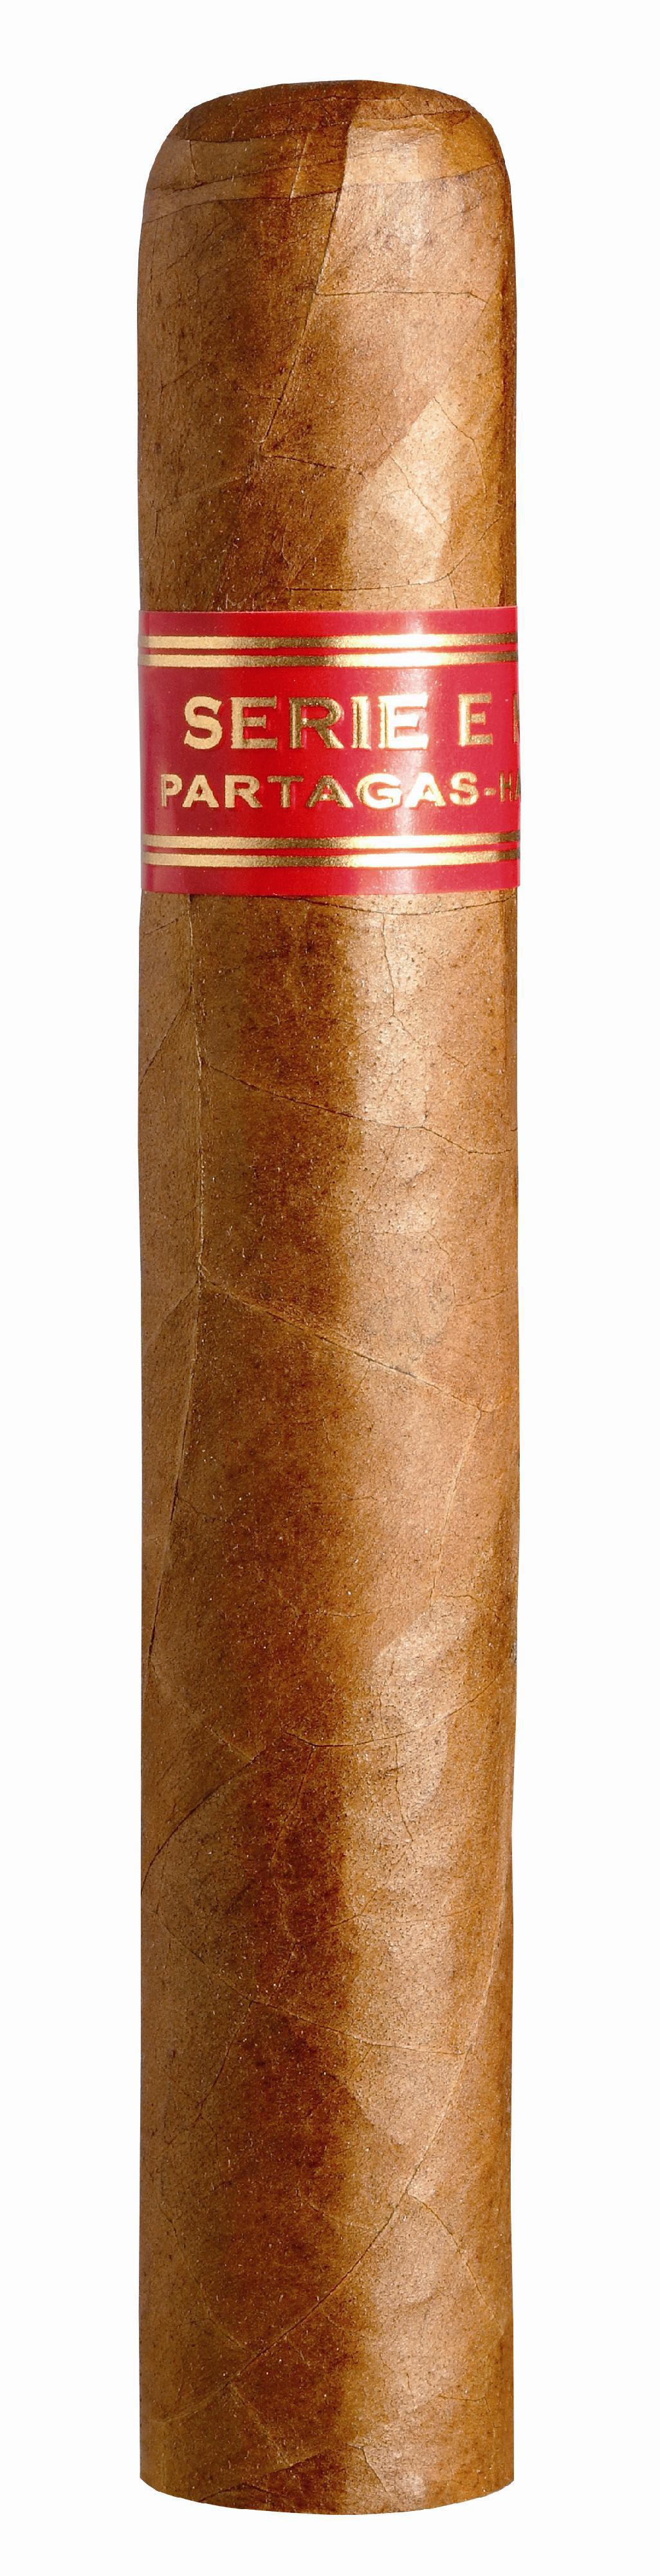 Partagas SerieENo2 cigarre kl